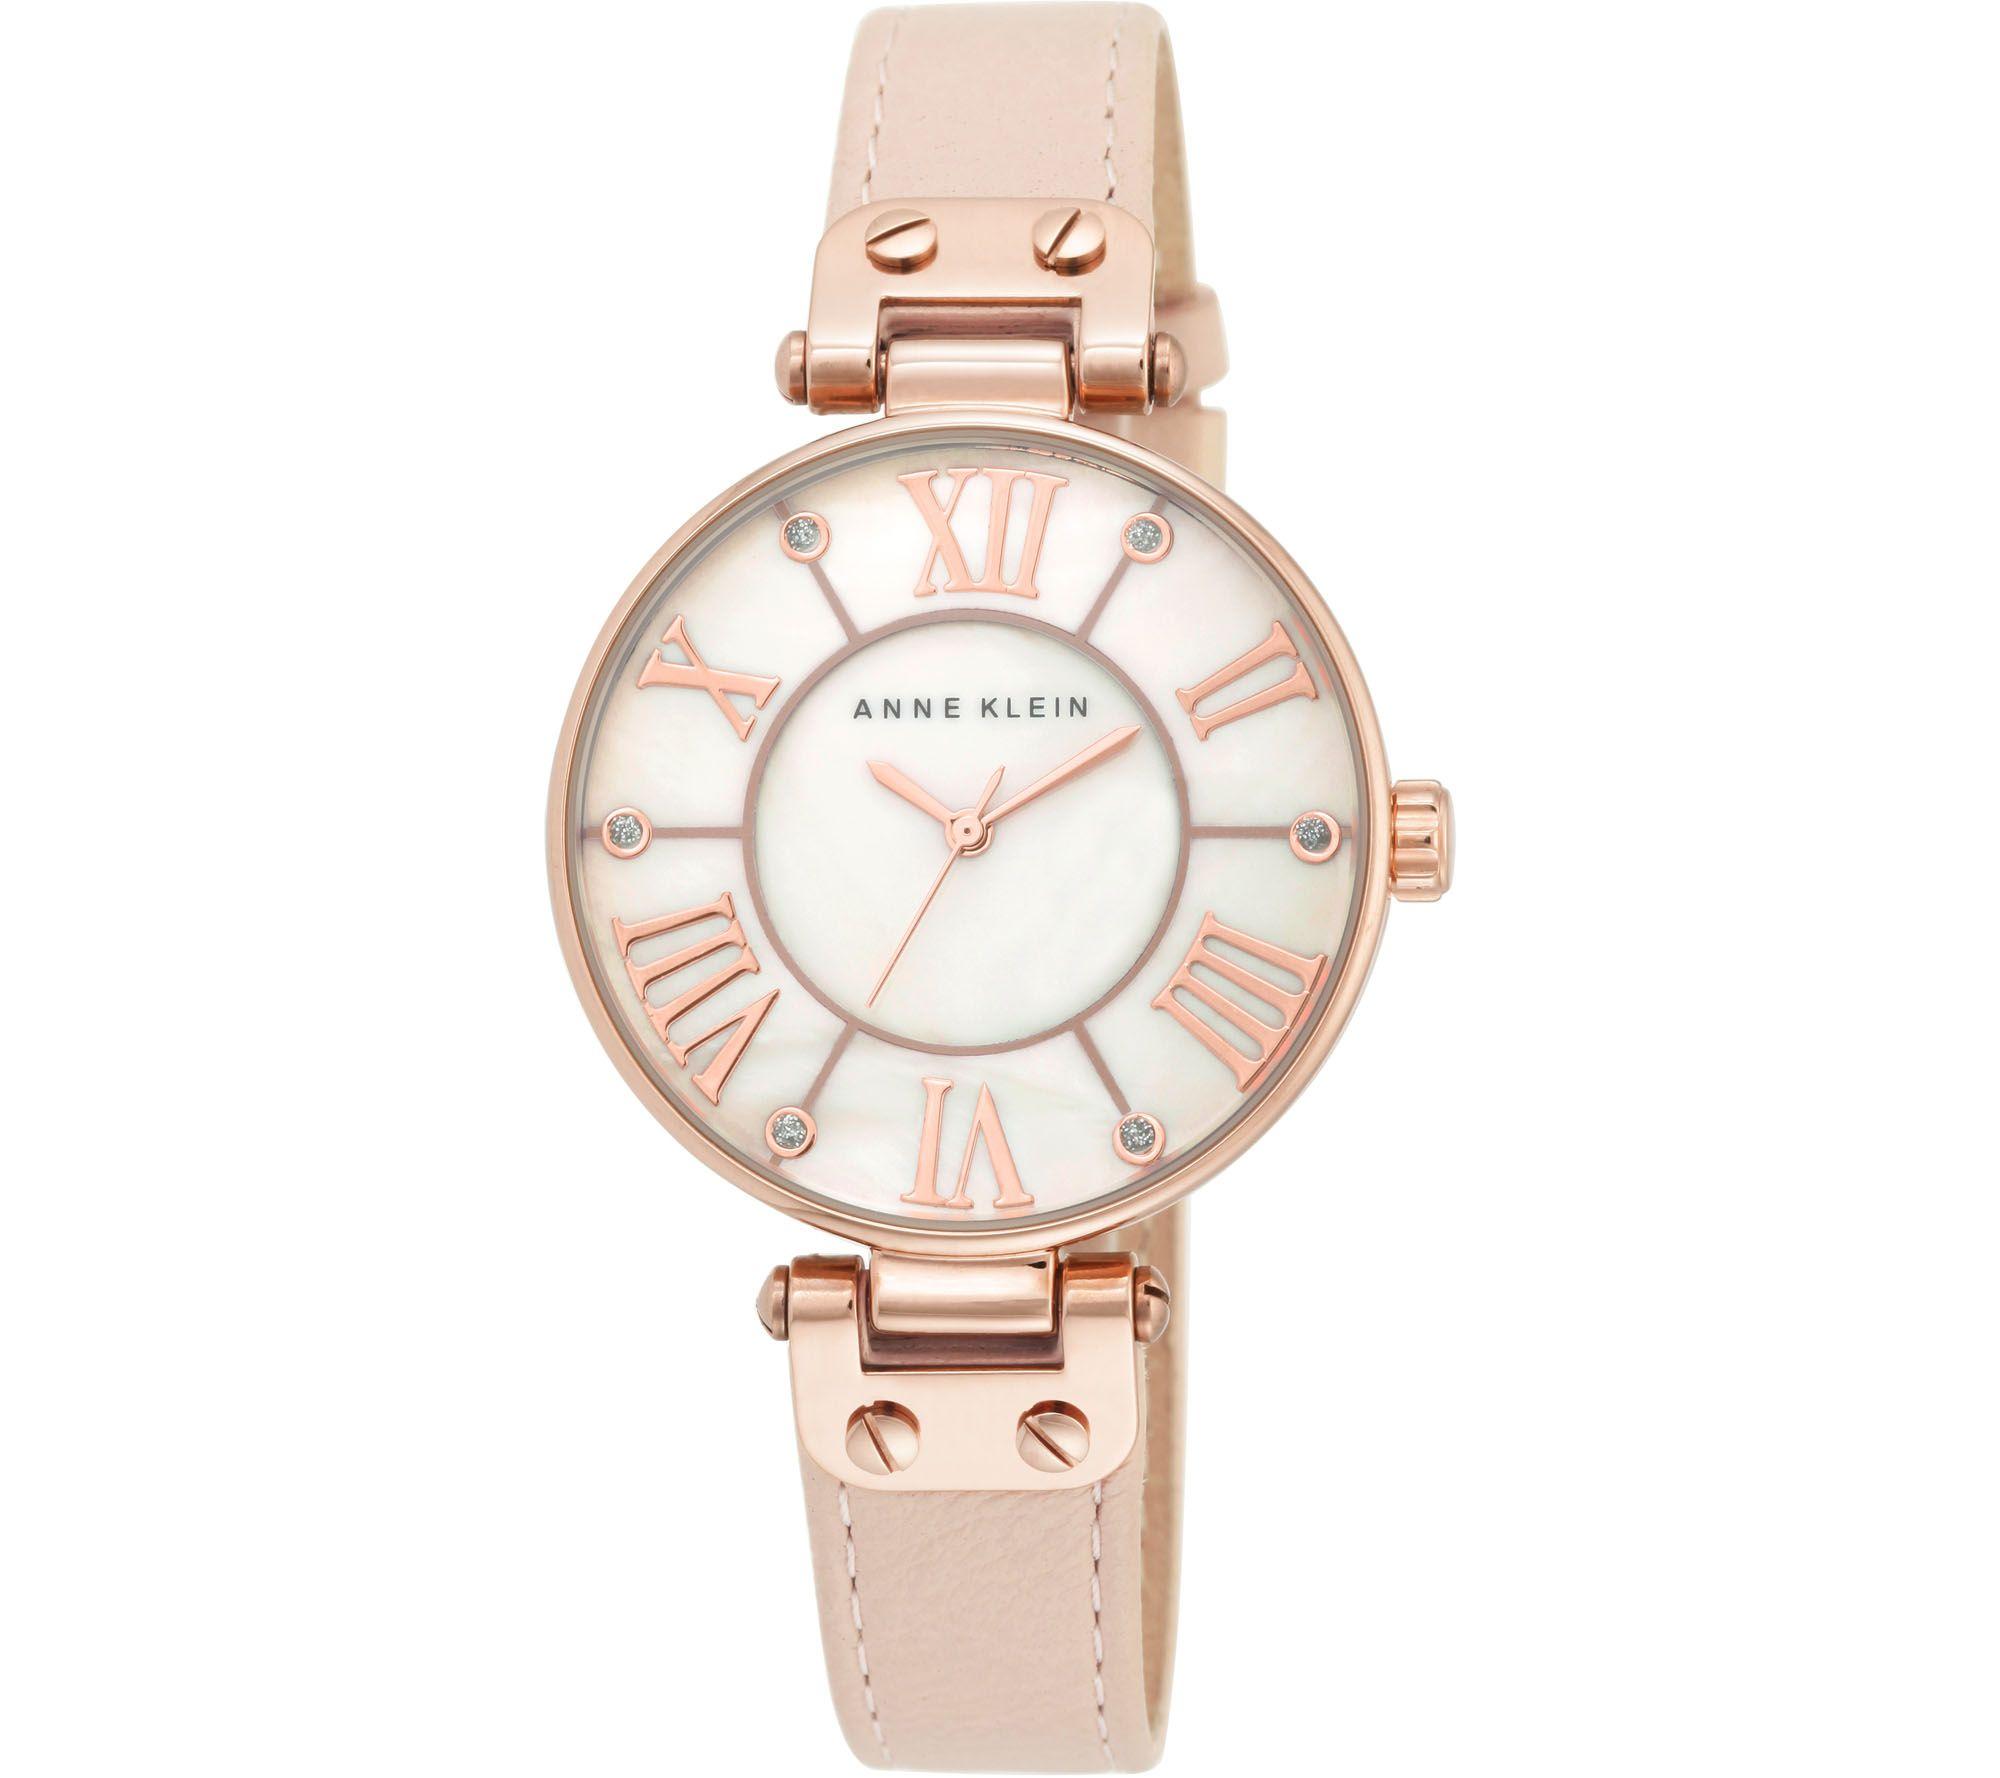 Anne klein pink leather strap watch w glitteraccents for Anne klein leather strap